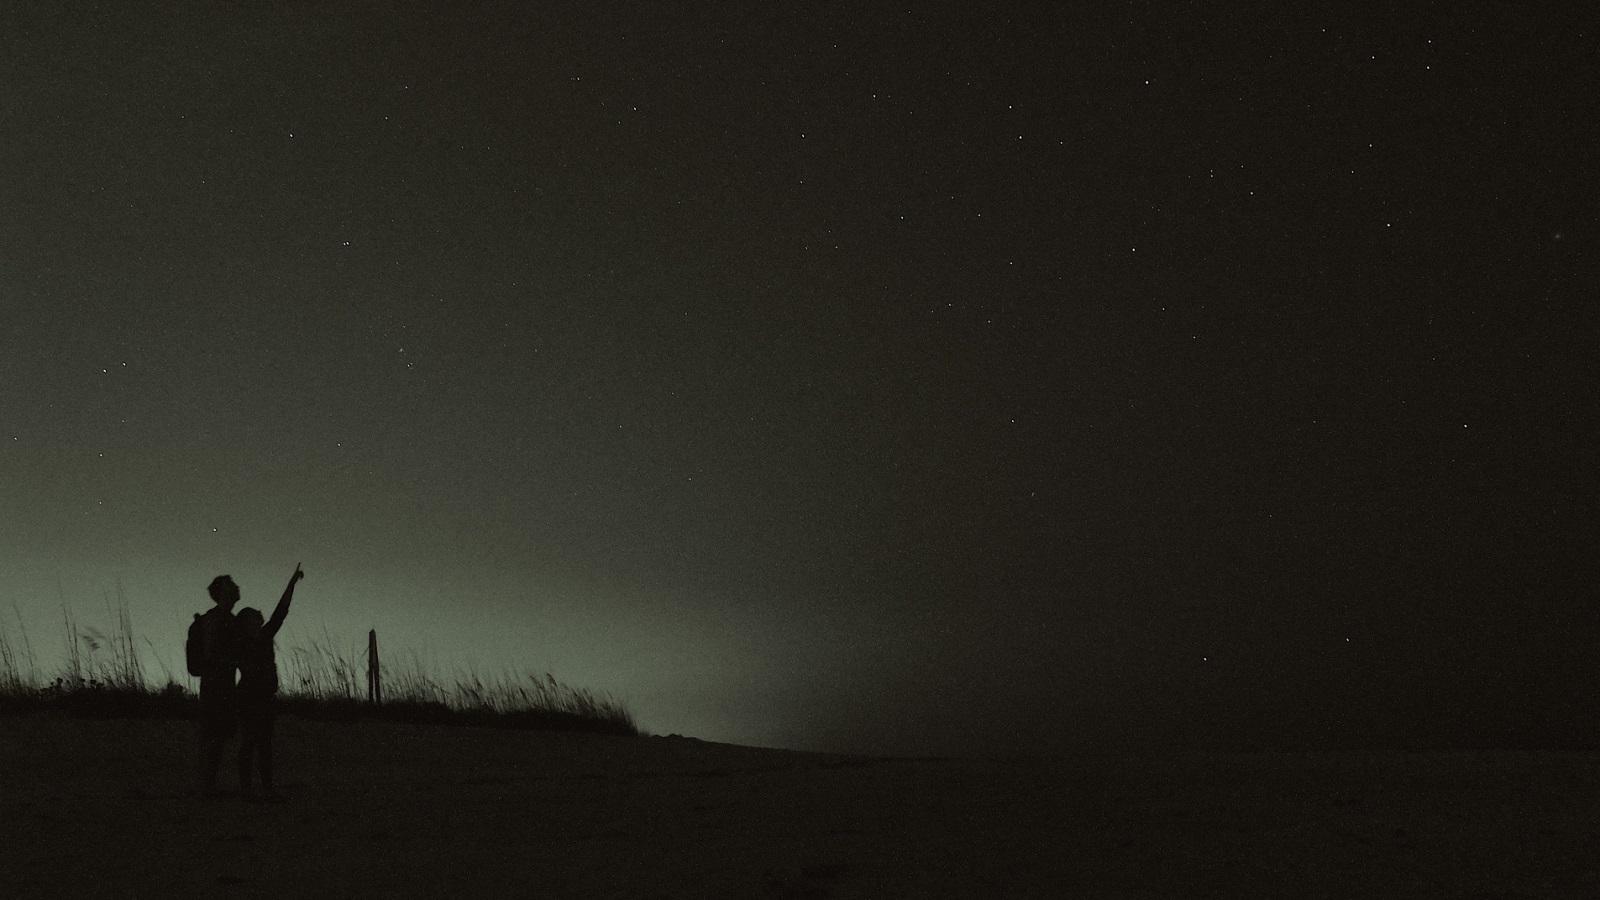 الكواكب والنجوم تظهر بانتظام ولا لا تظهر مطلقا ولا تظهر صيفا 1